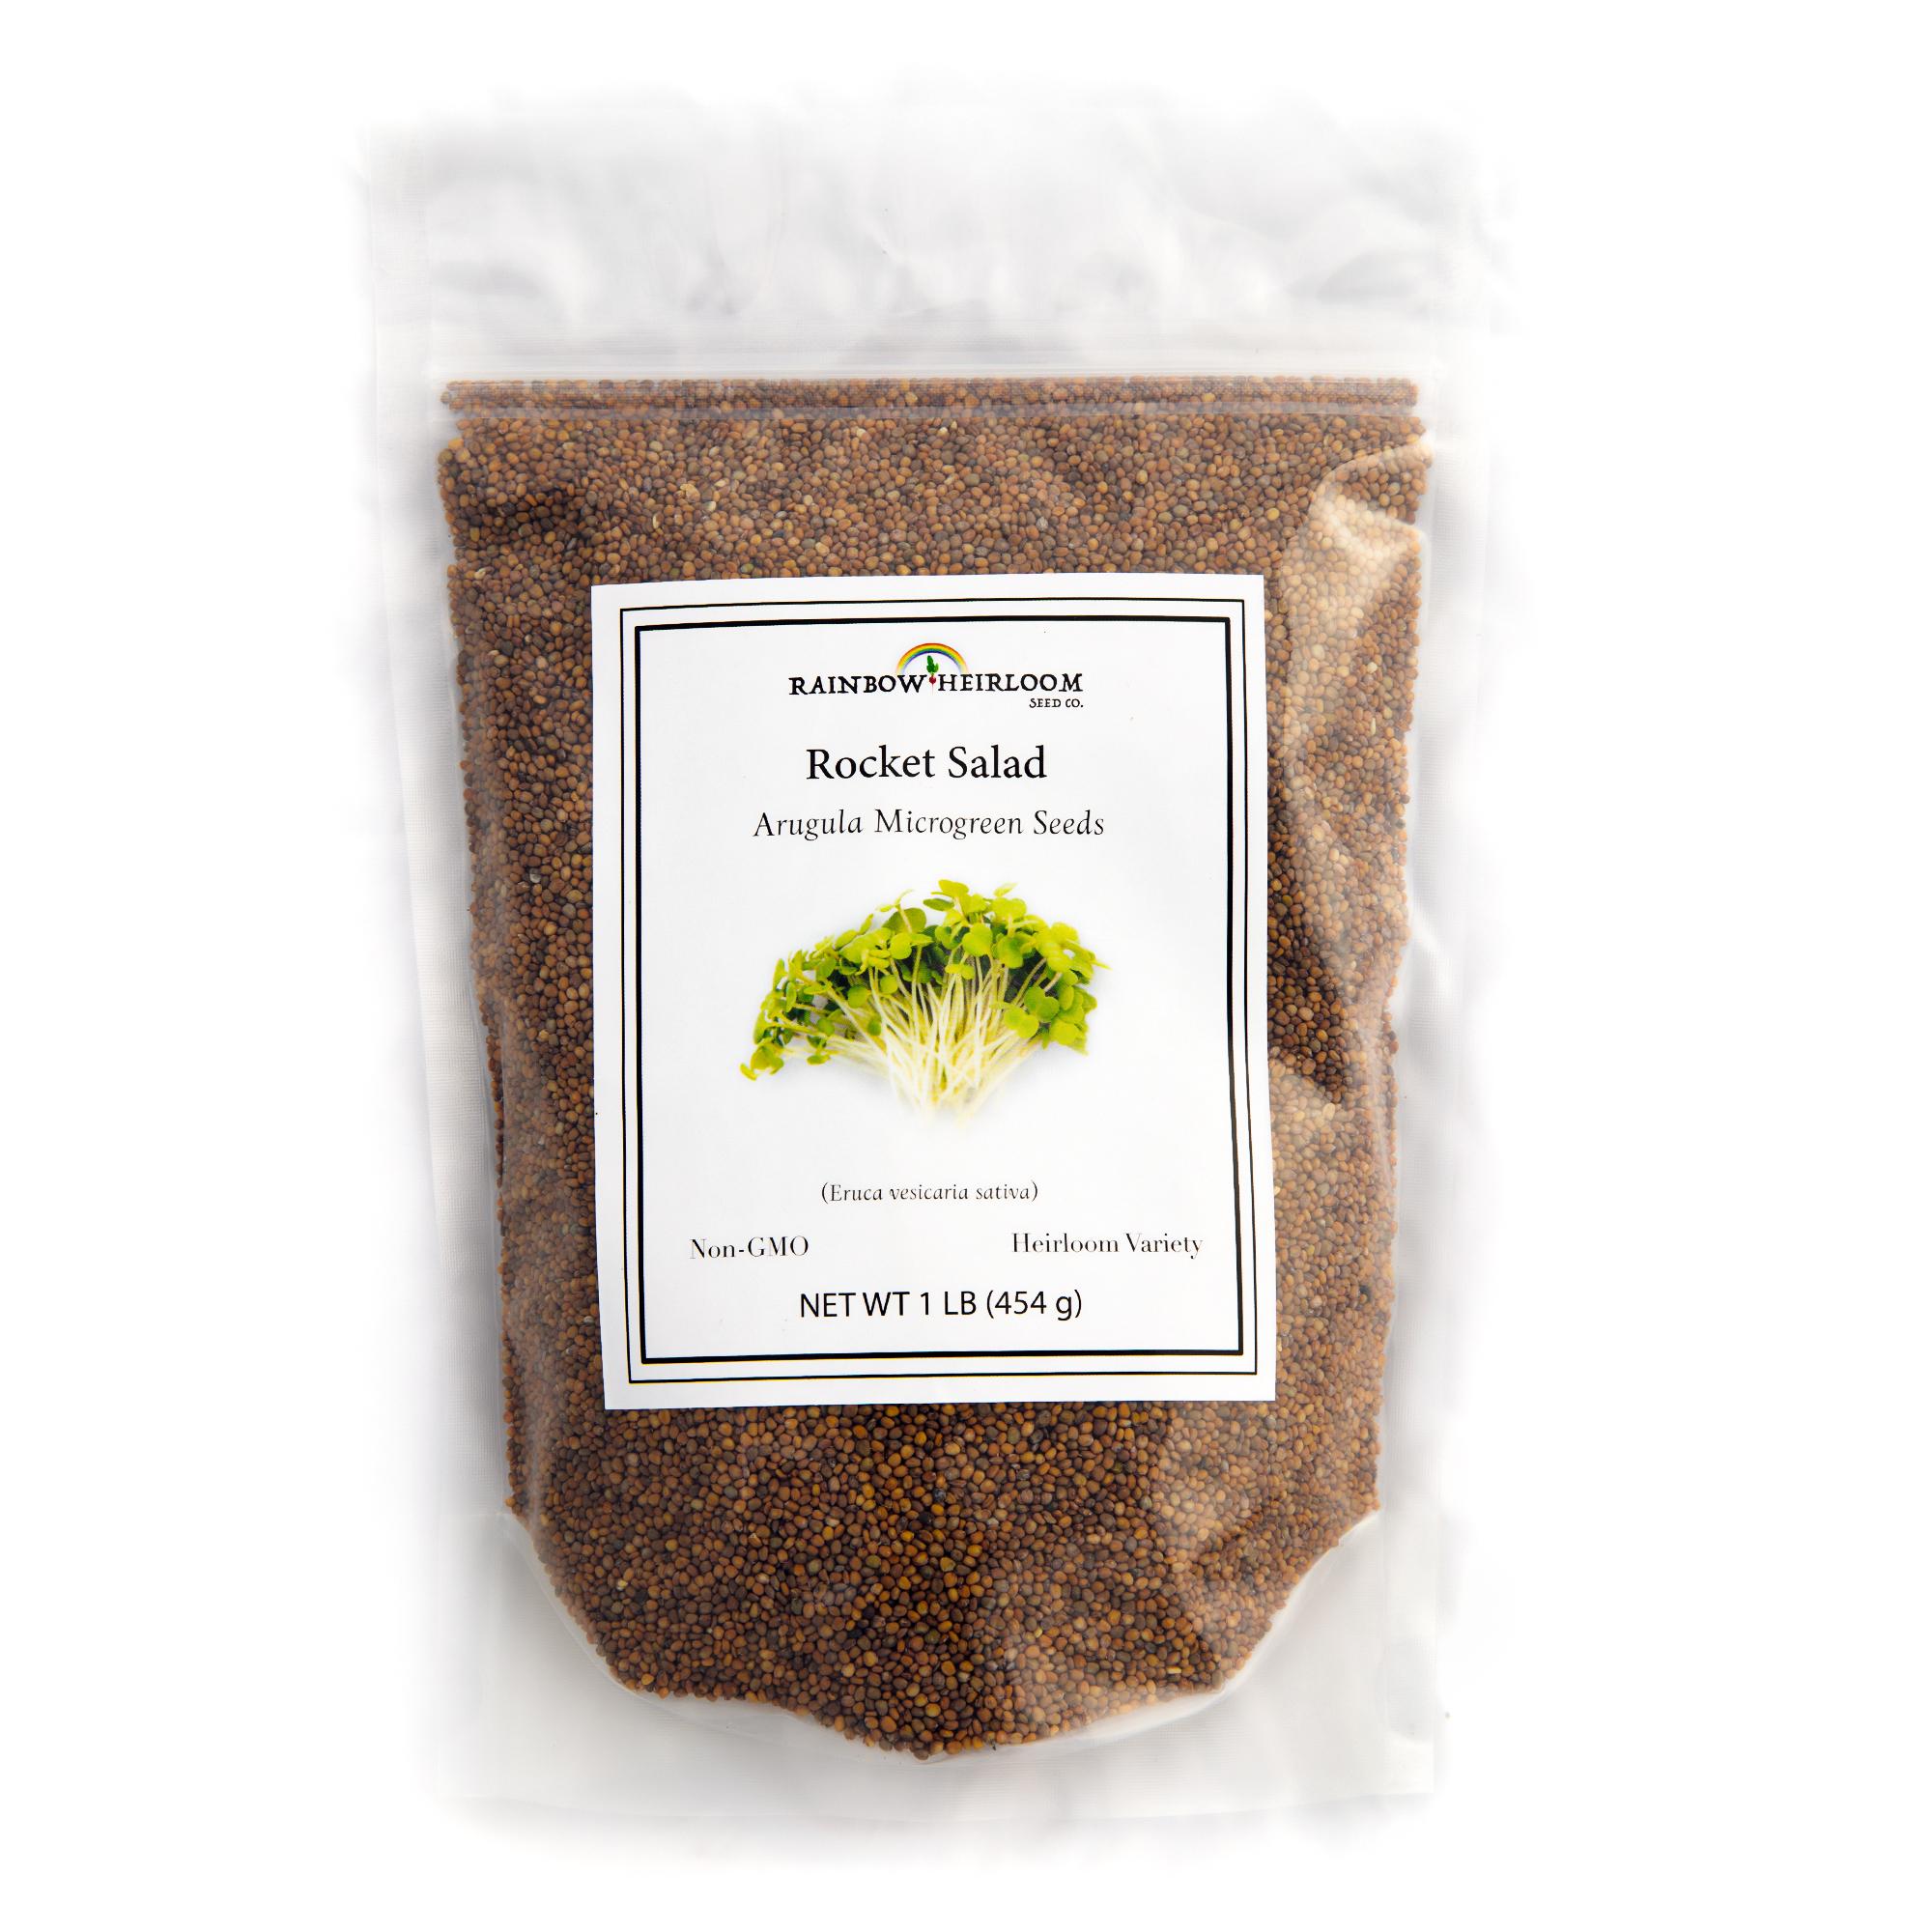 Rocket Salad Arugula Microgreen Seed